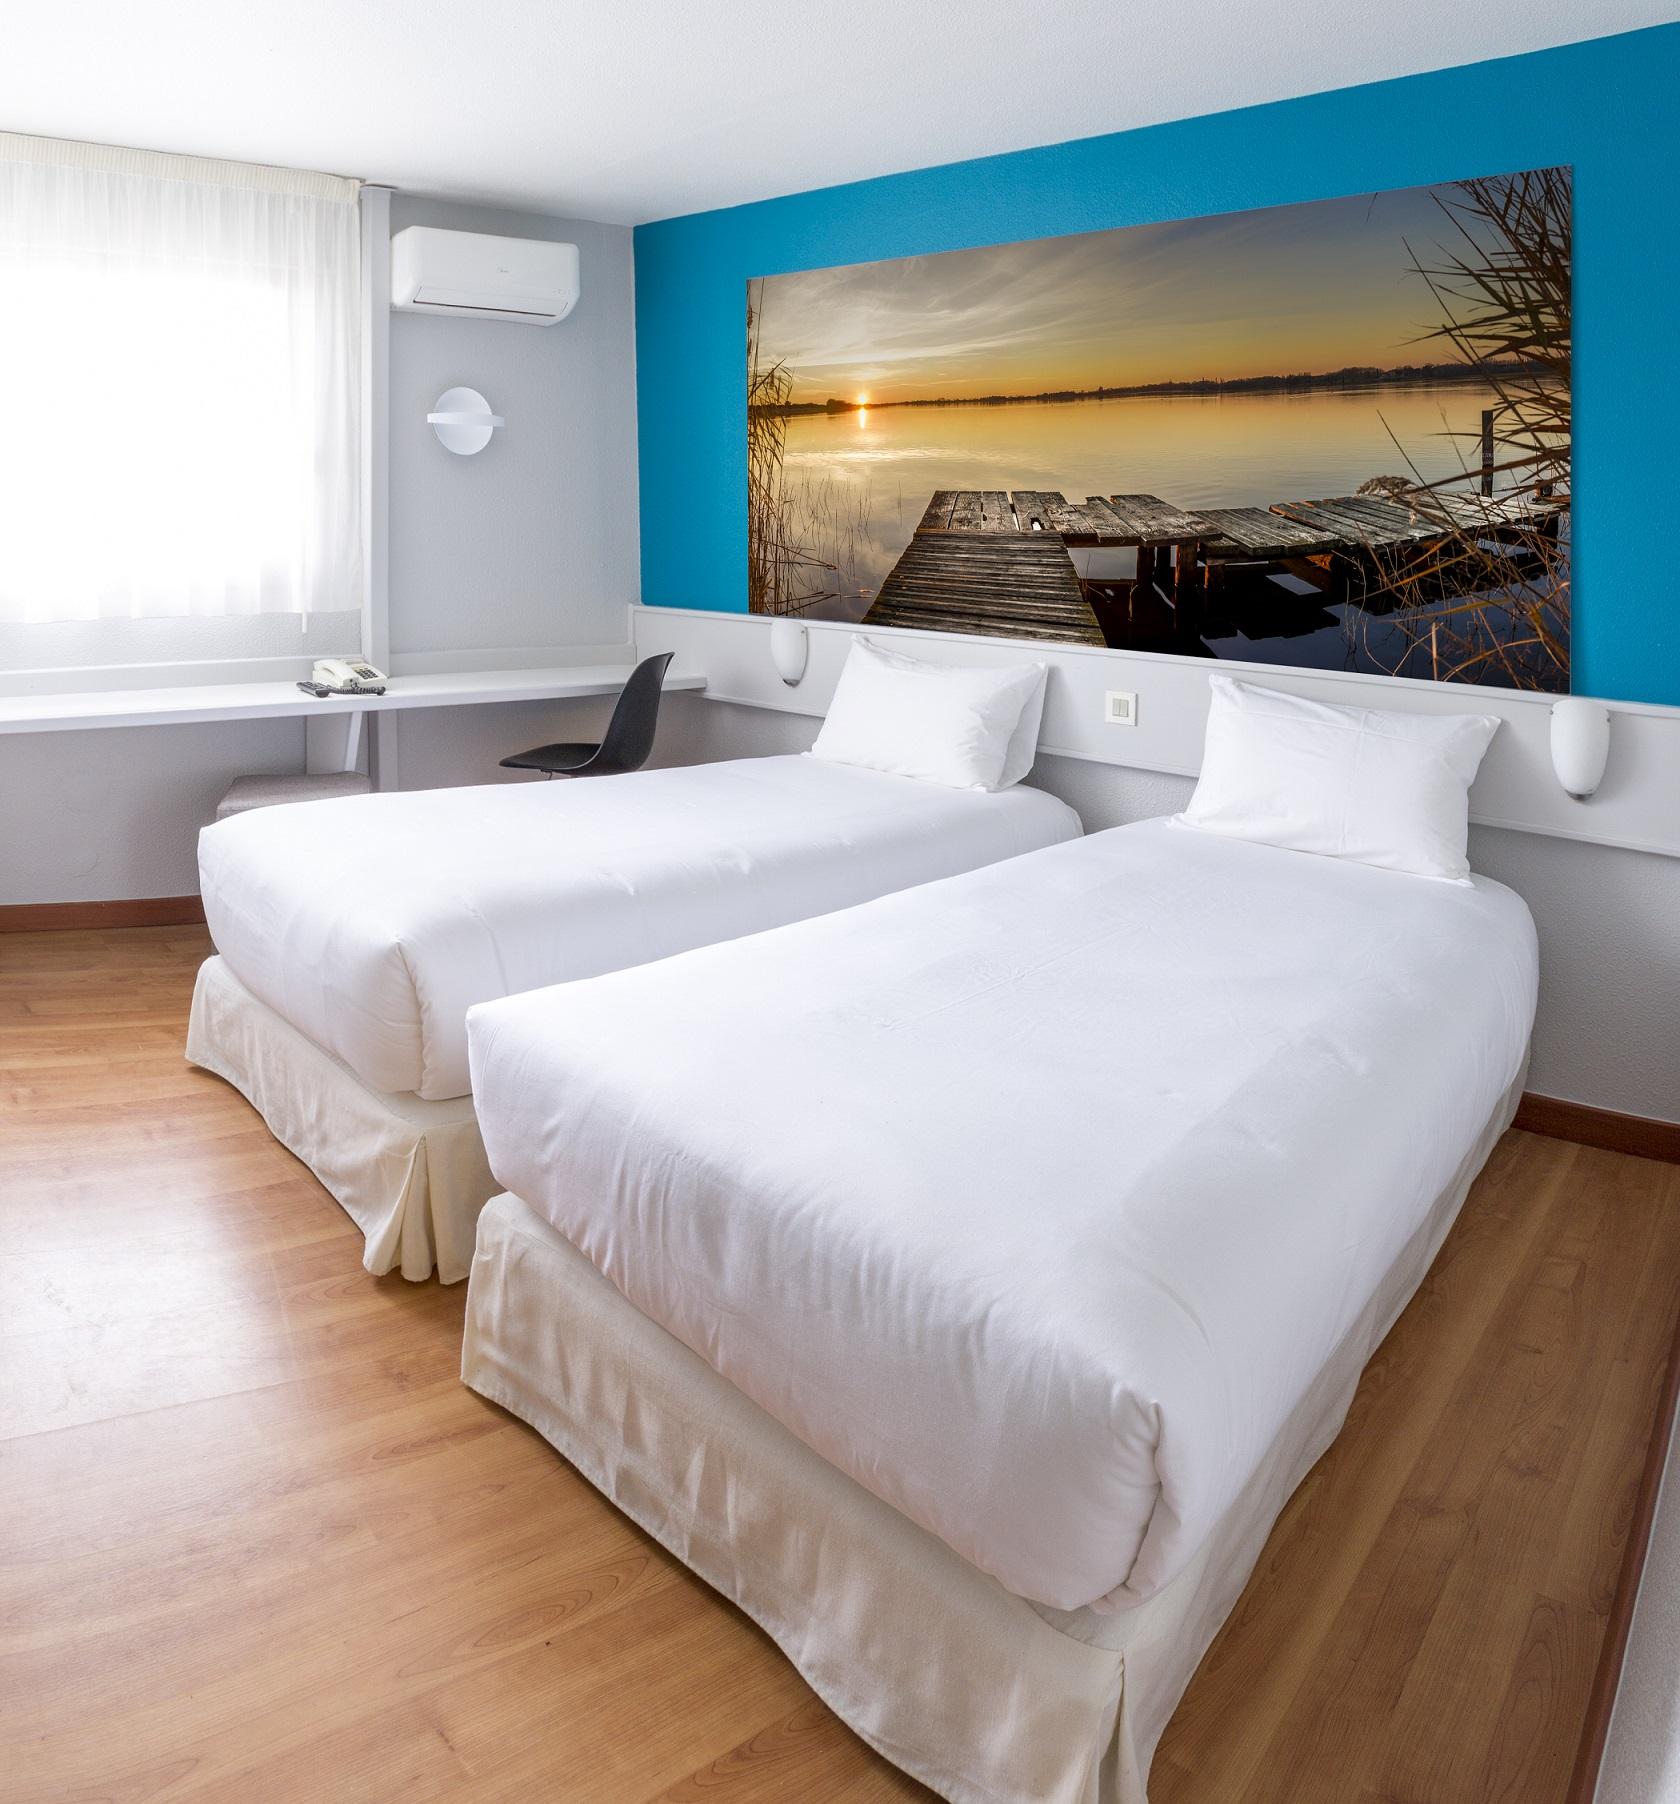 Chambre INTER HOTEL LE PUECH Logis à NARBONNE